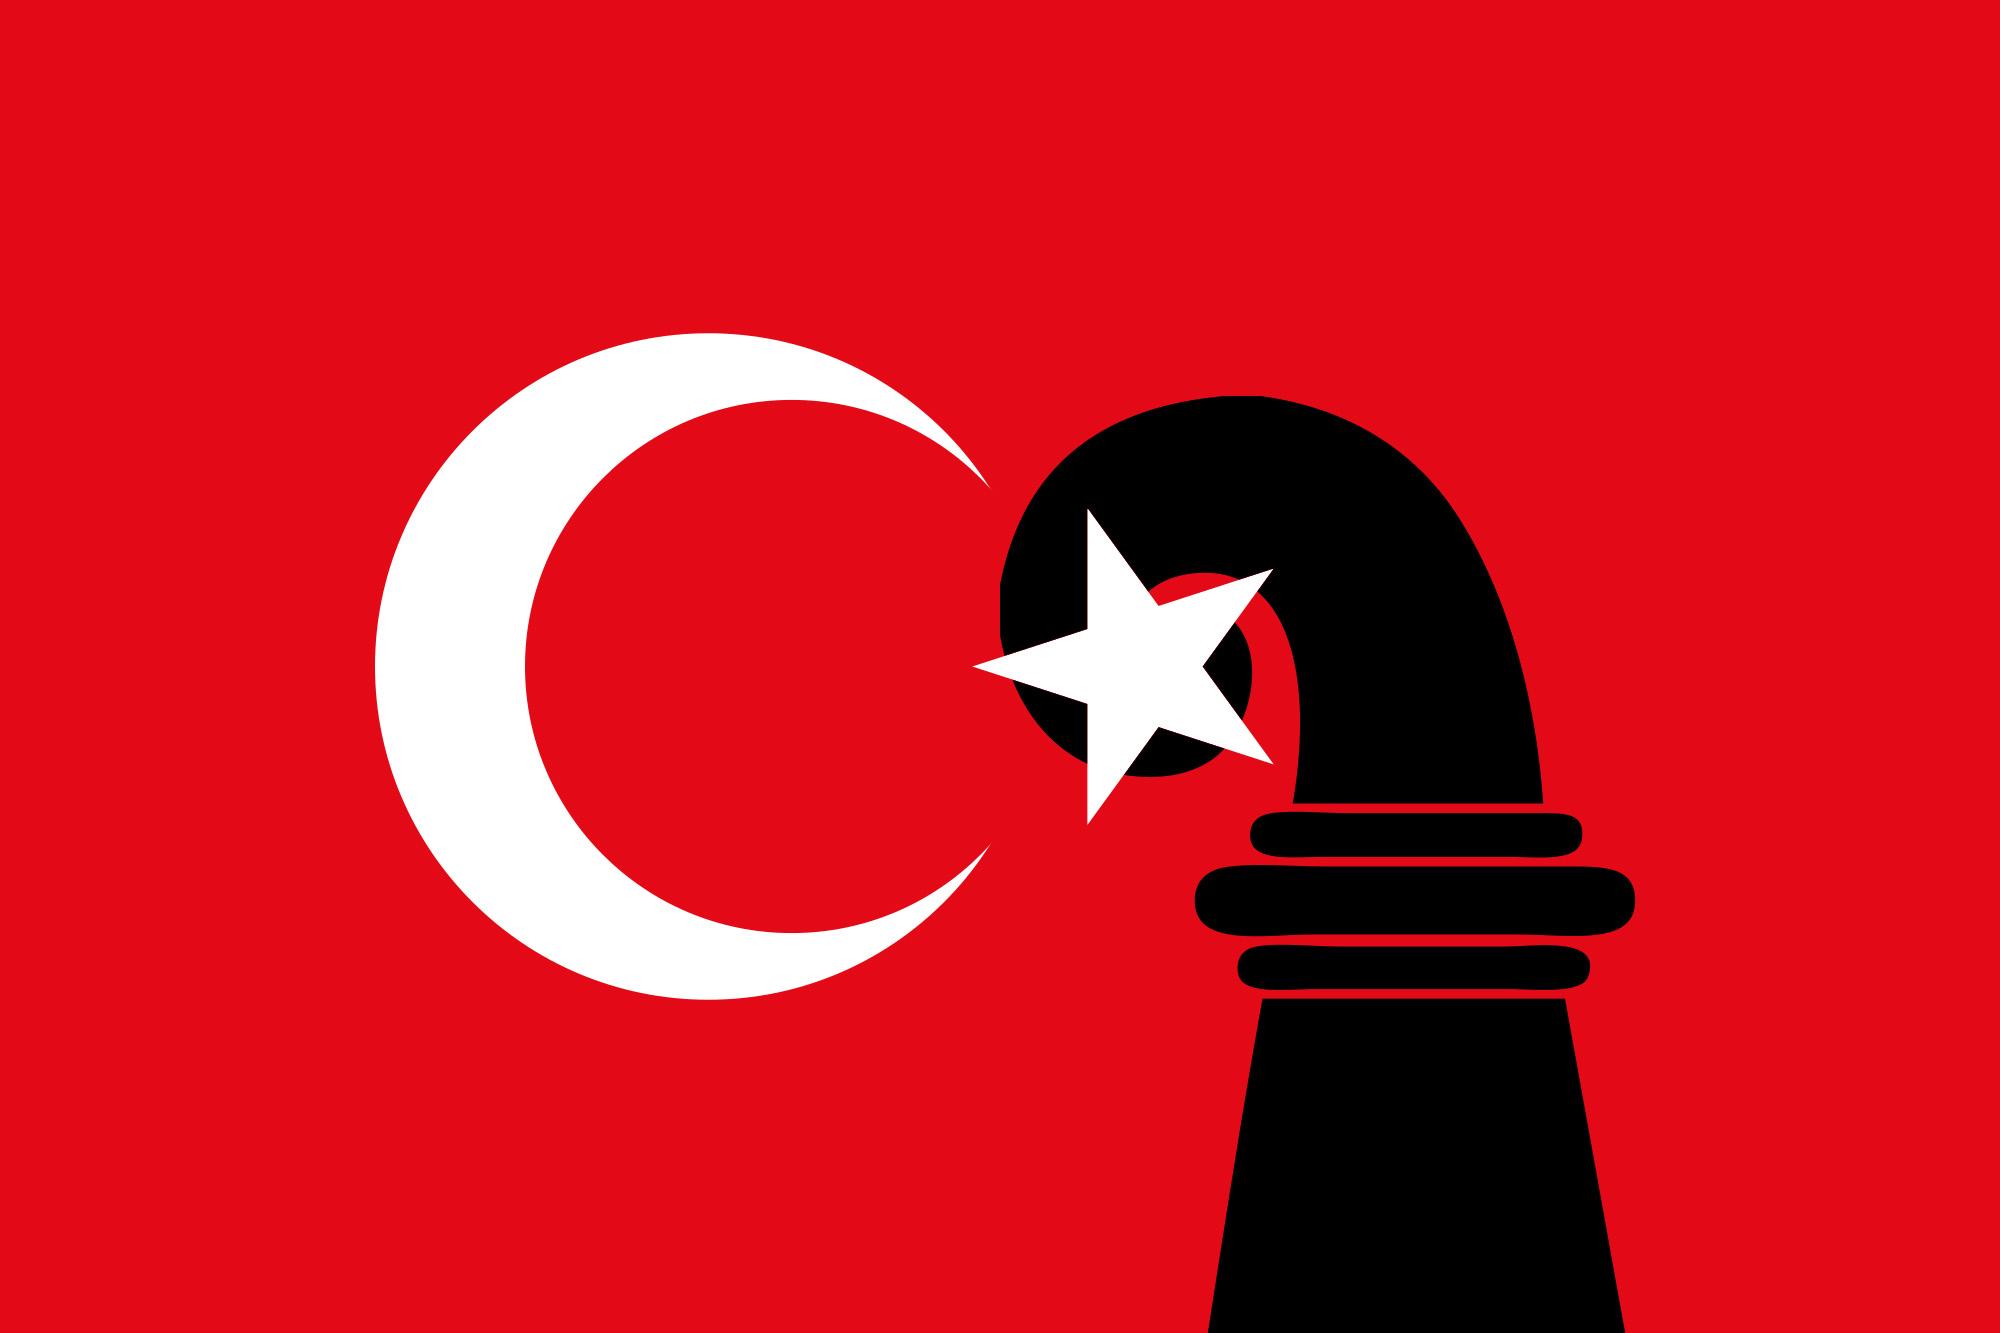 Nationalistische Basler Türken sind irritiert: Warum stellt sich Erdogans Lobbygruppe gegen sie?